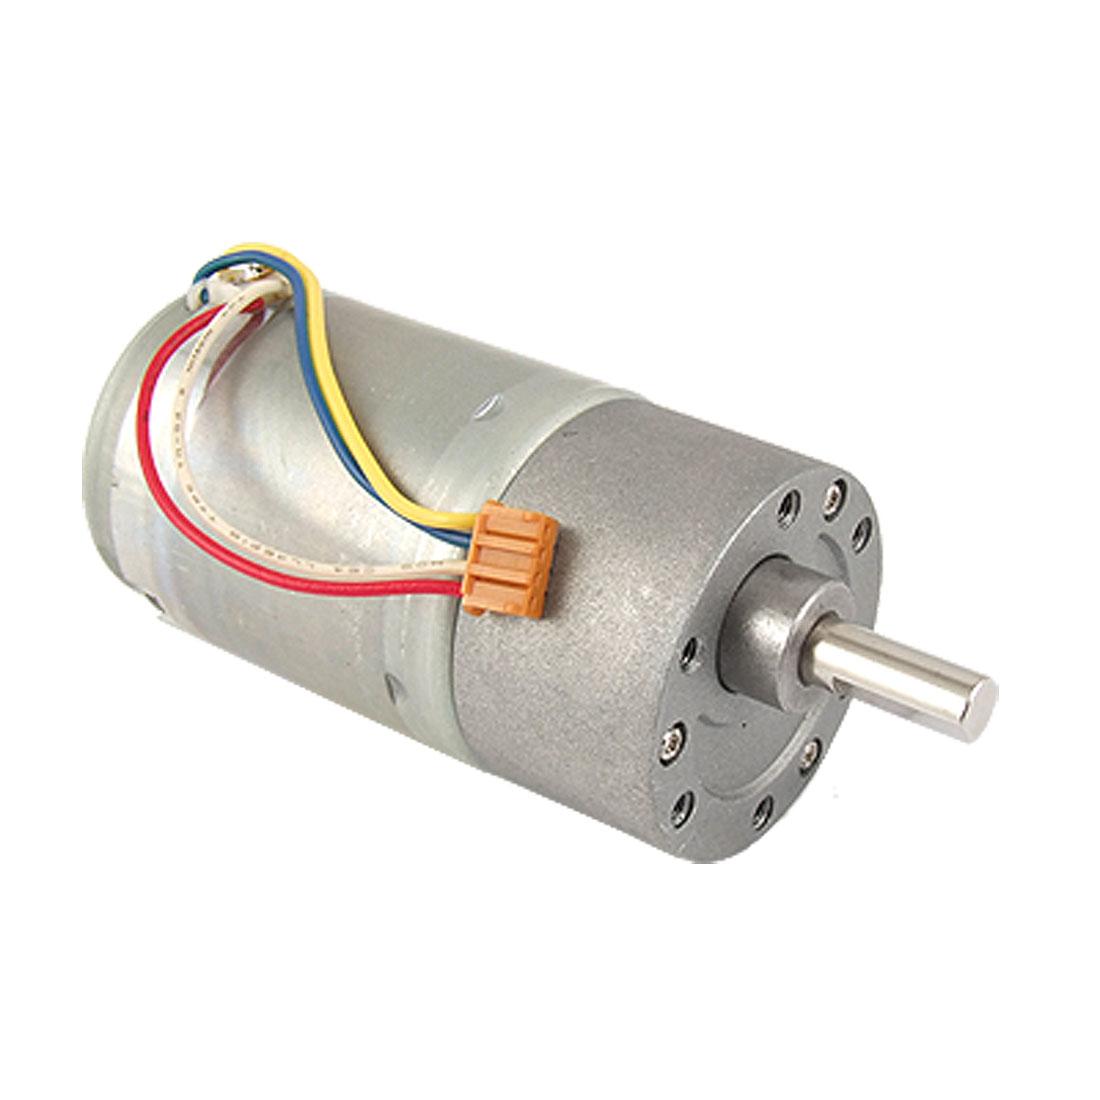 DC12V 0.33A 100RPM 37mm Diameter Electric DC Geared Motor